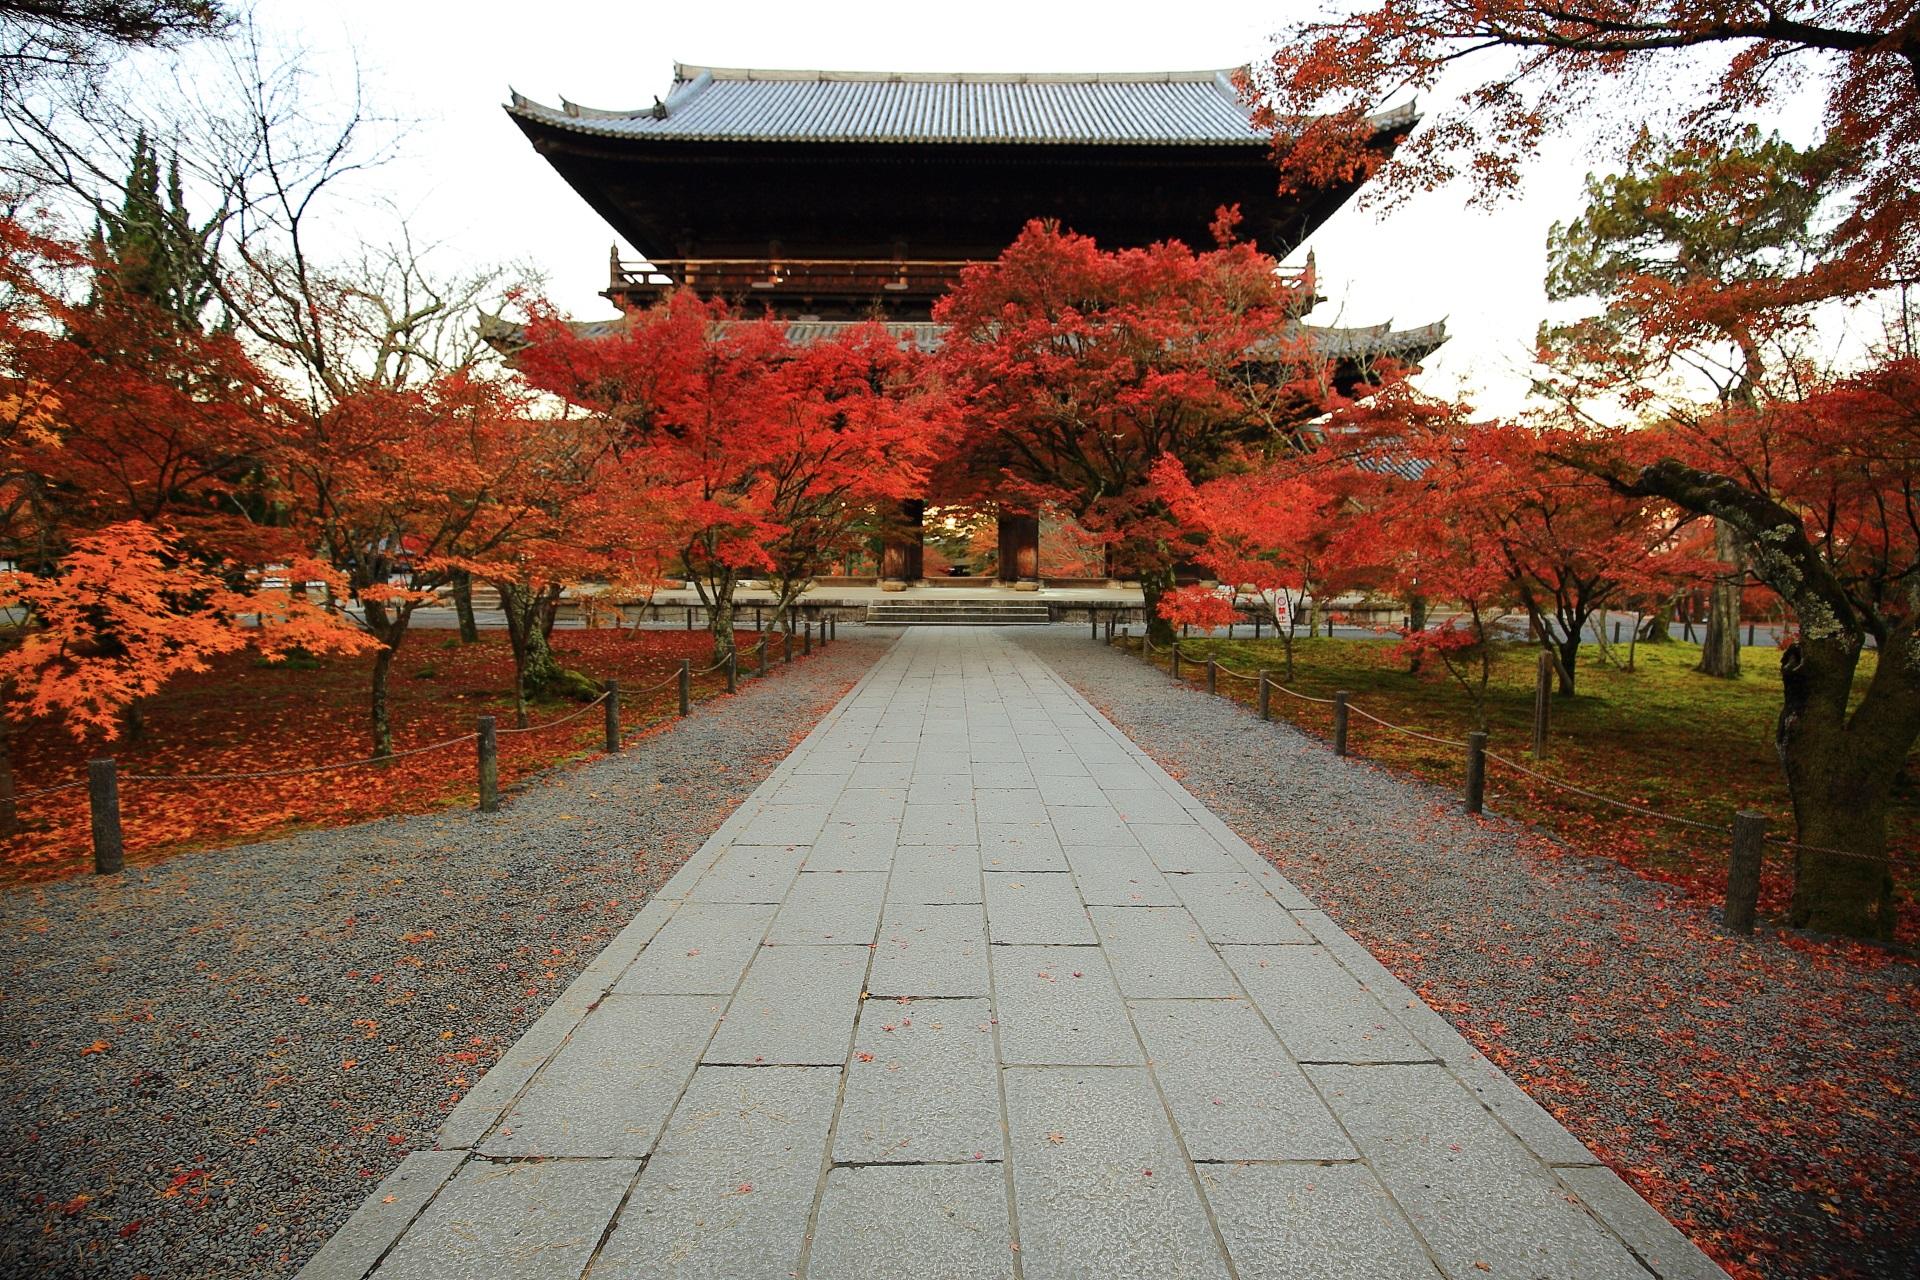 南禅寺の素晴らしい紅葉と三門や秋の情景